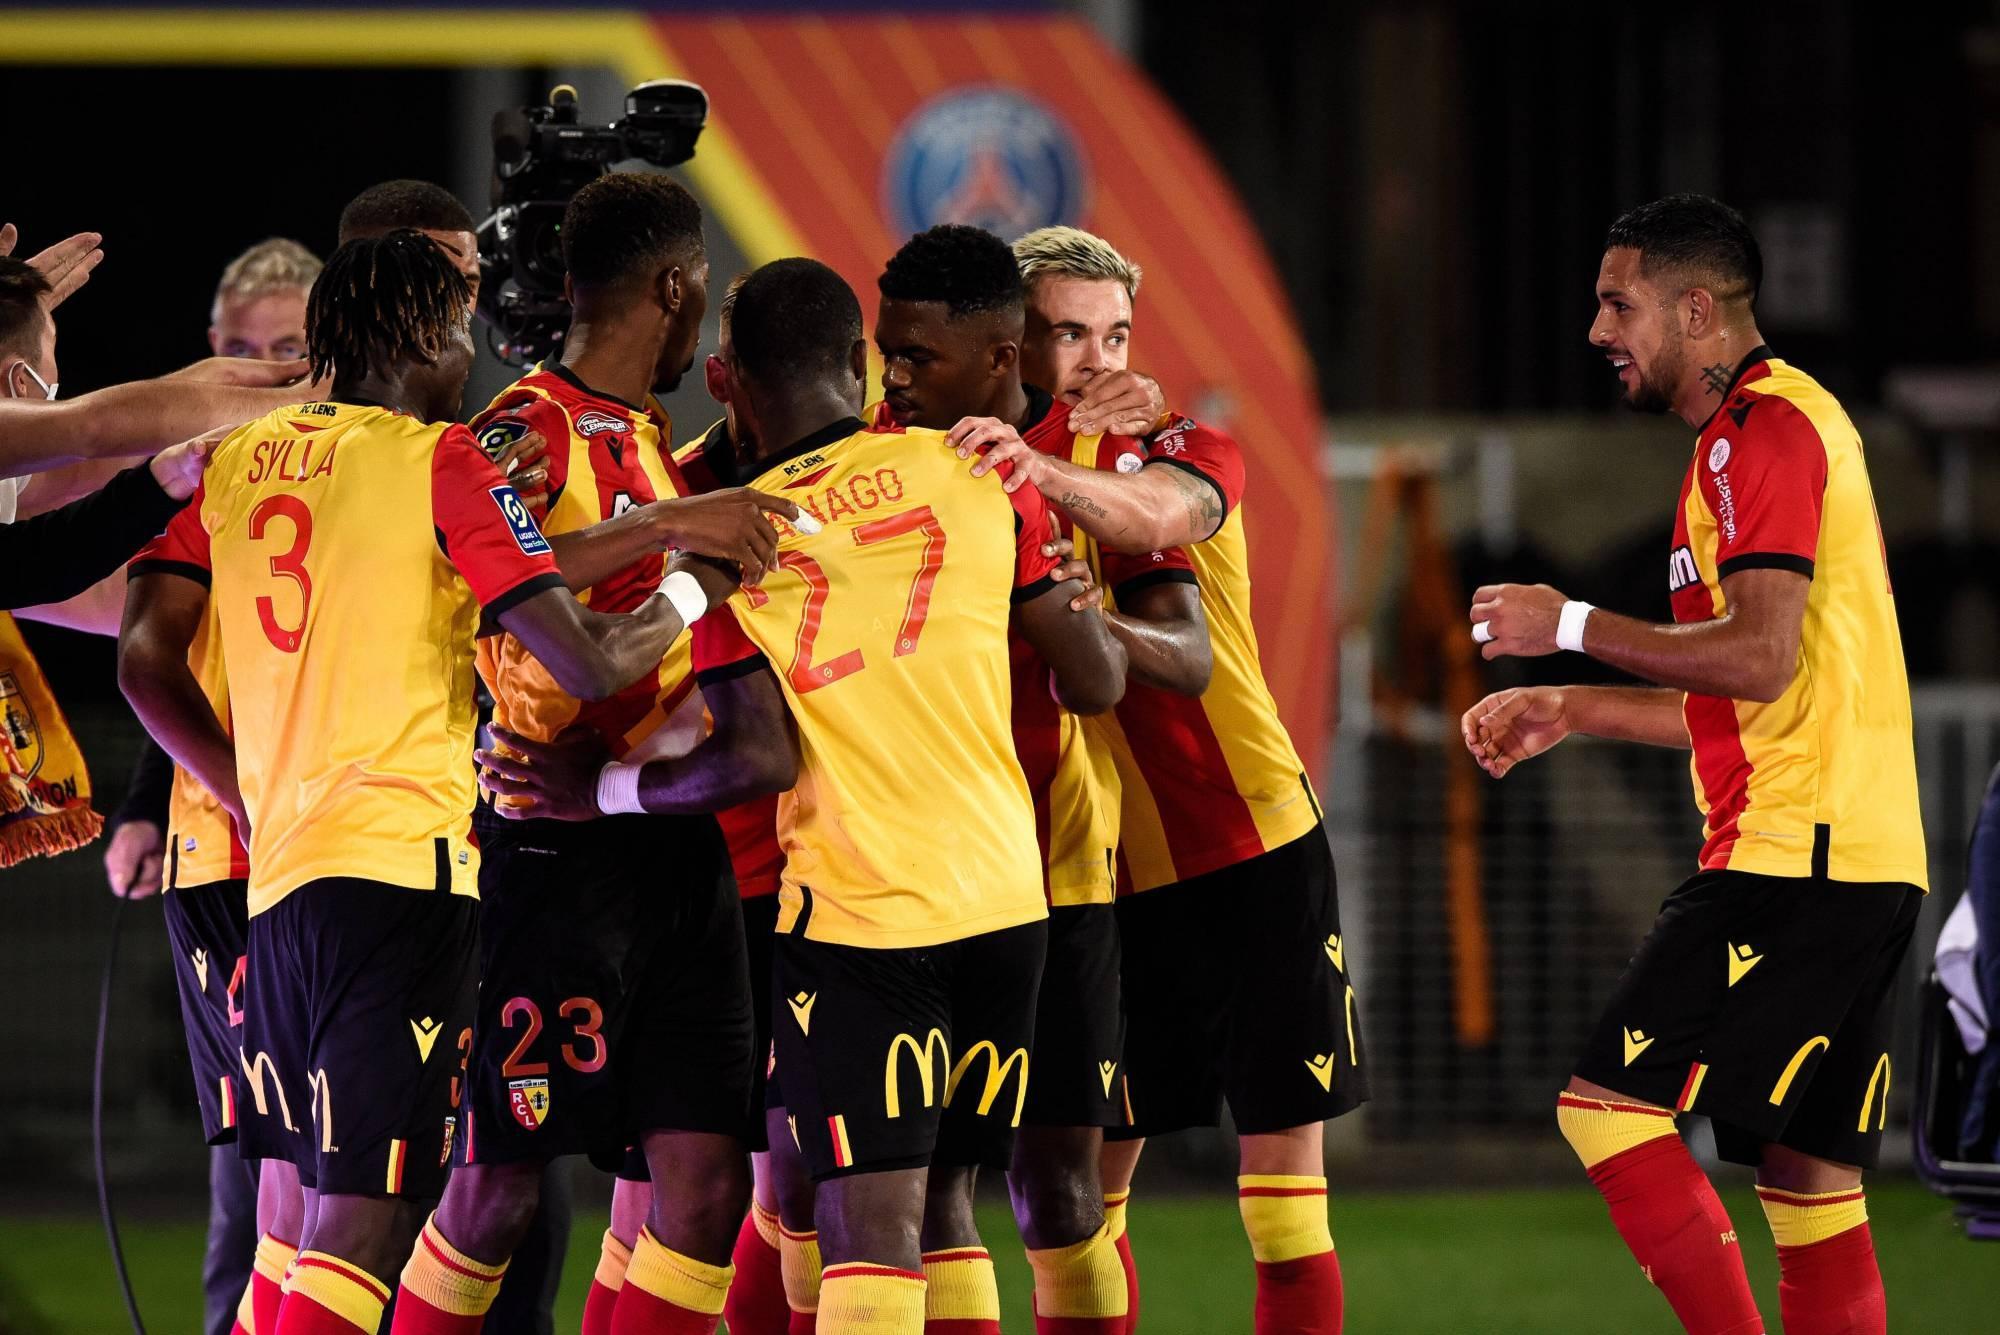 法甲第二轮诞生了一场神奇的比赛,升班马朗斯1-0战胜法甲霸主大巴黎